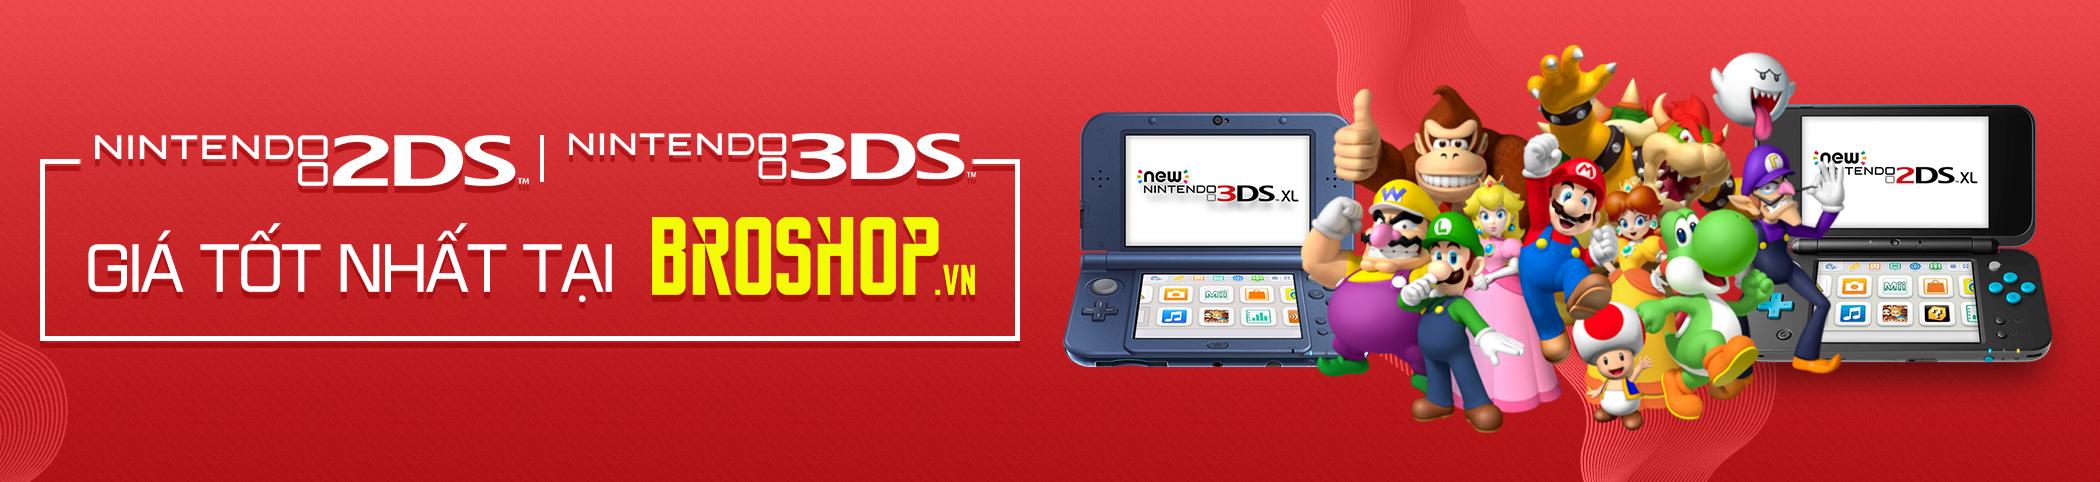 Nintendo 3DS 2DS Cũ